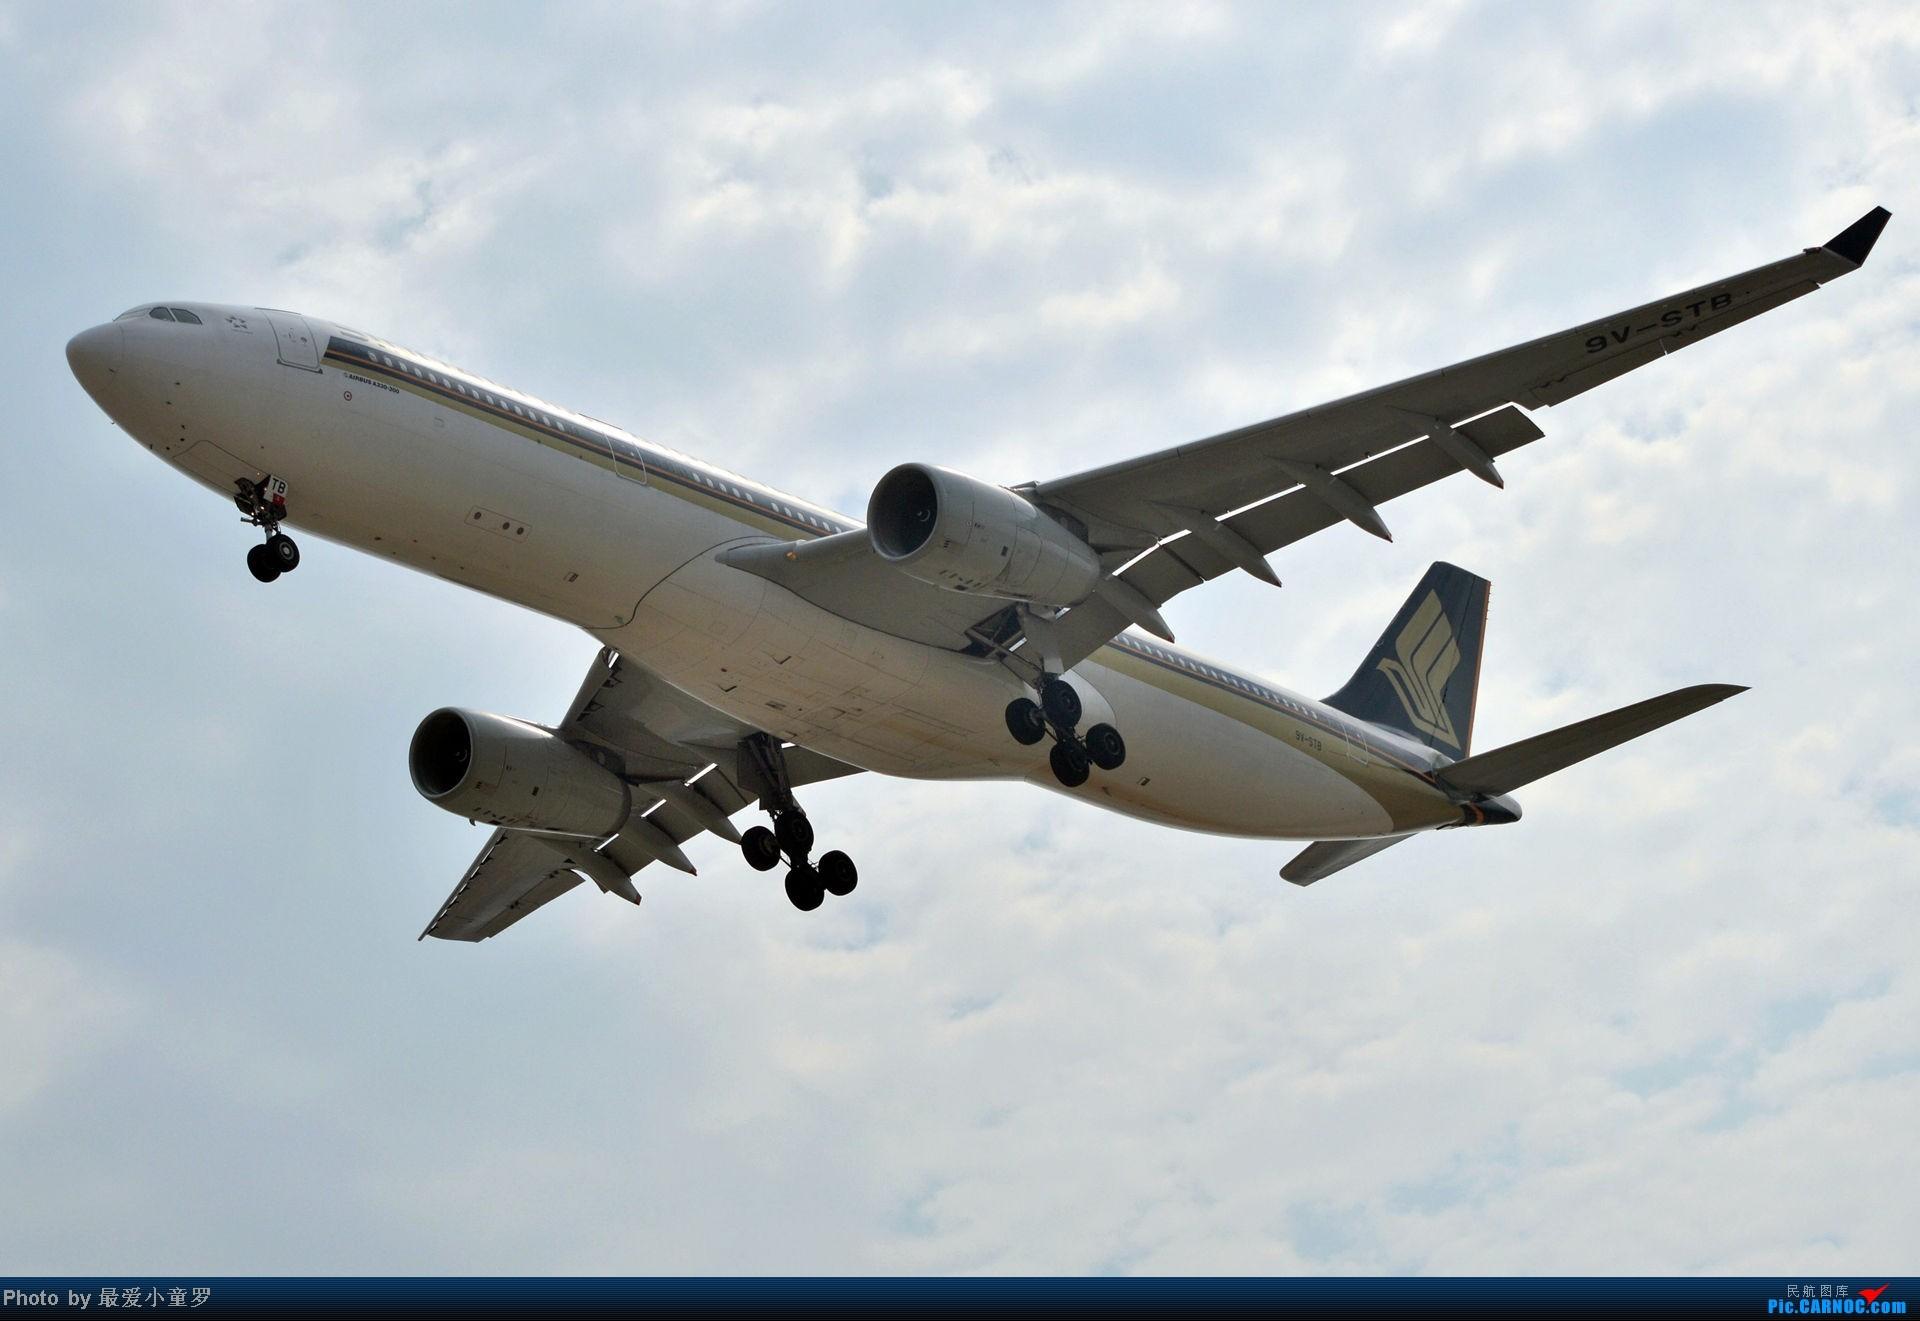 [原创]去年11月15日,CAN烂天拍机,修出来的图无法直视 AIRBUS A330-300 9V-STB